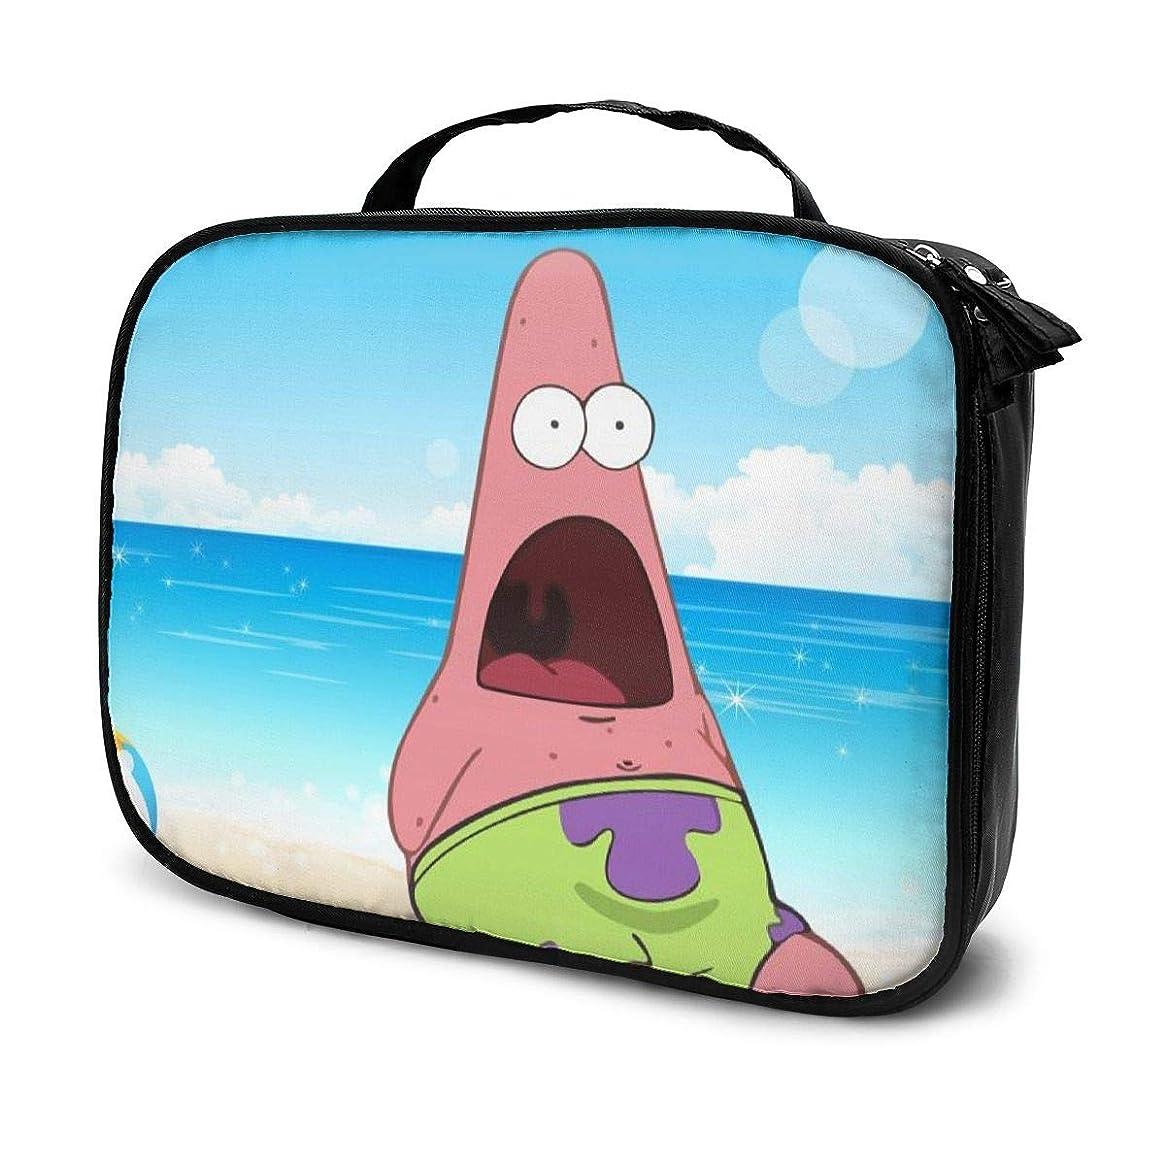 メジャー批判するナプキンDaituパトリックスター夏時間 化粧品袋の女性旅行バッグ収納大容量防水アクセサリー旅行